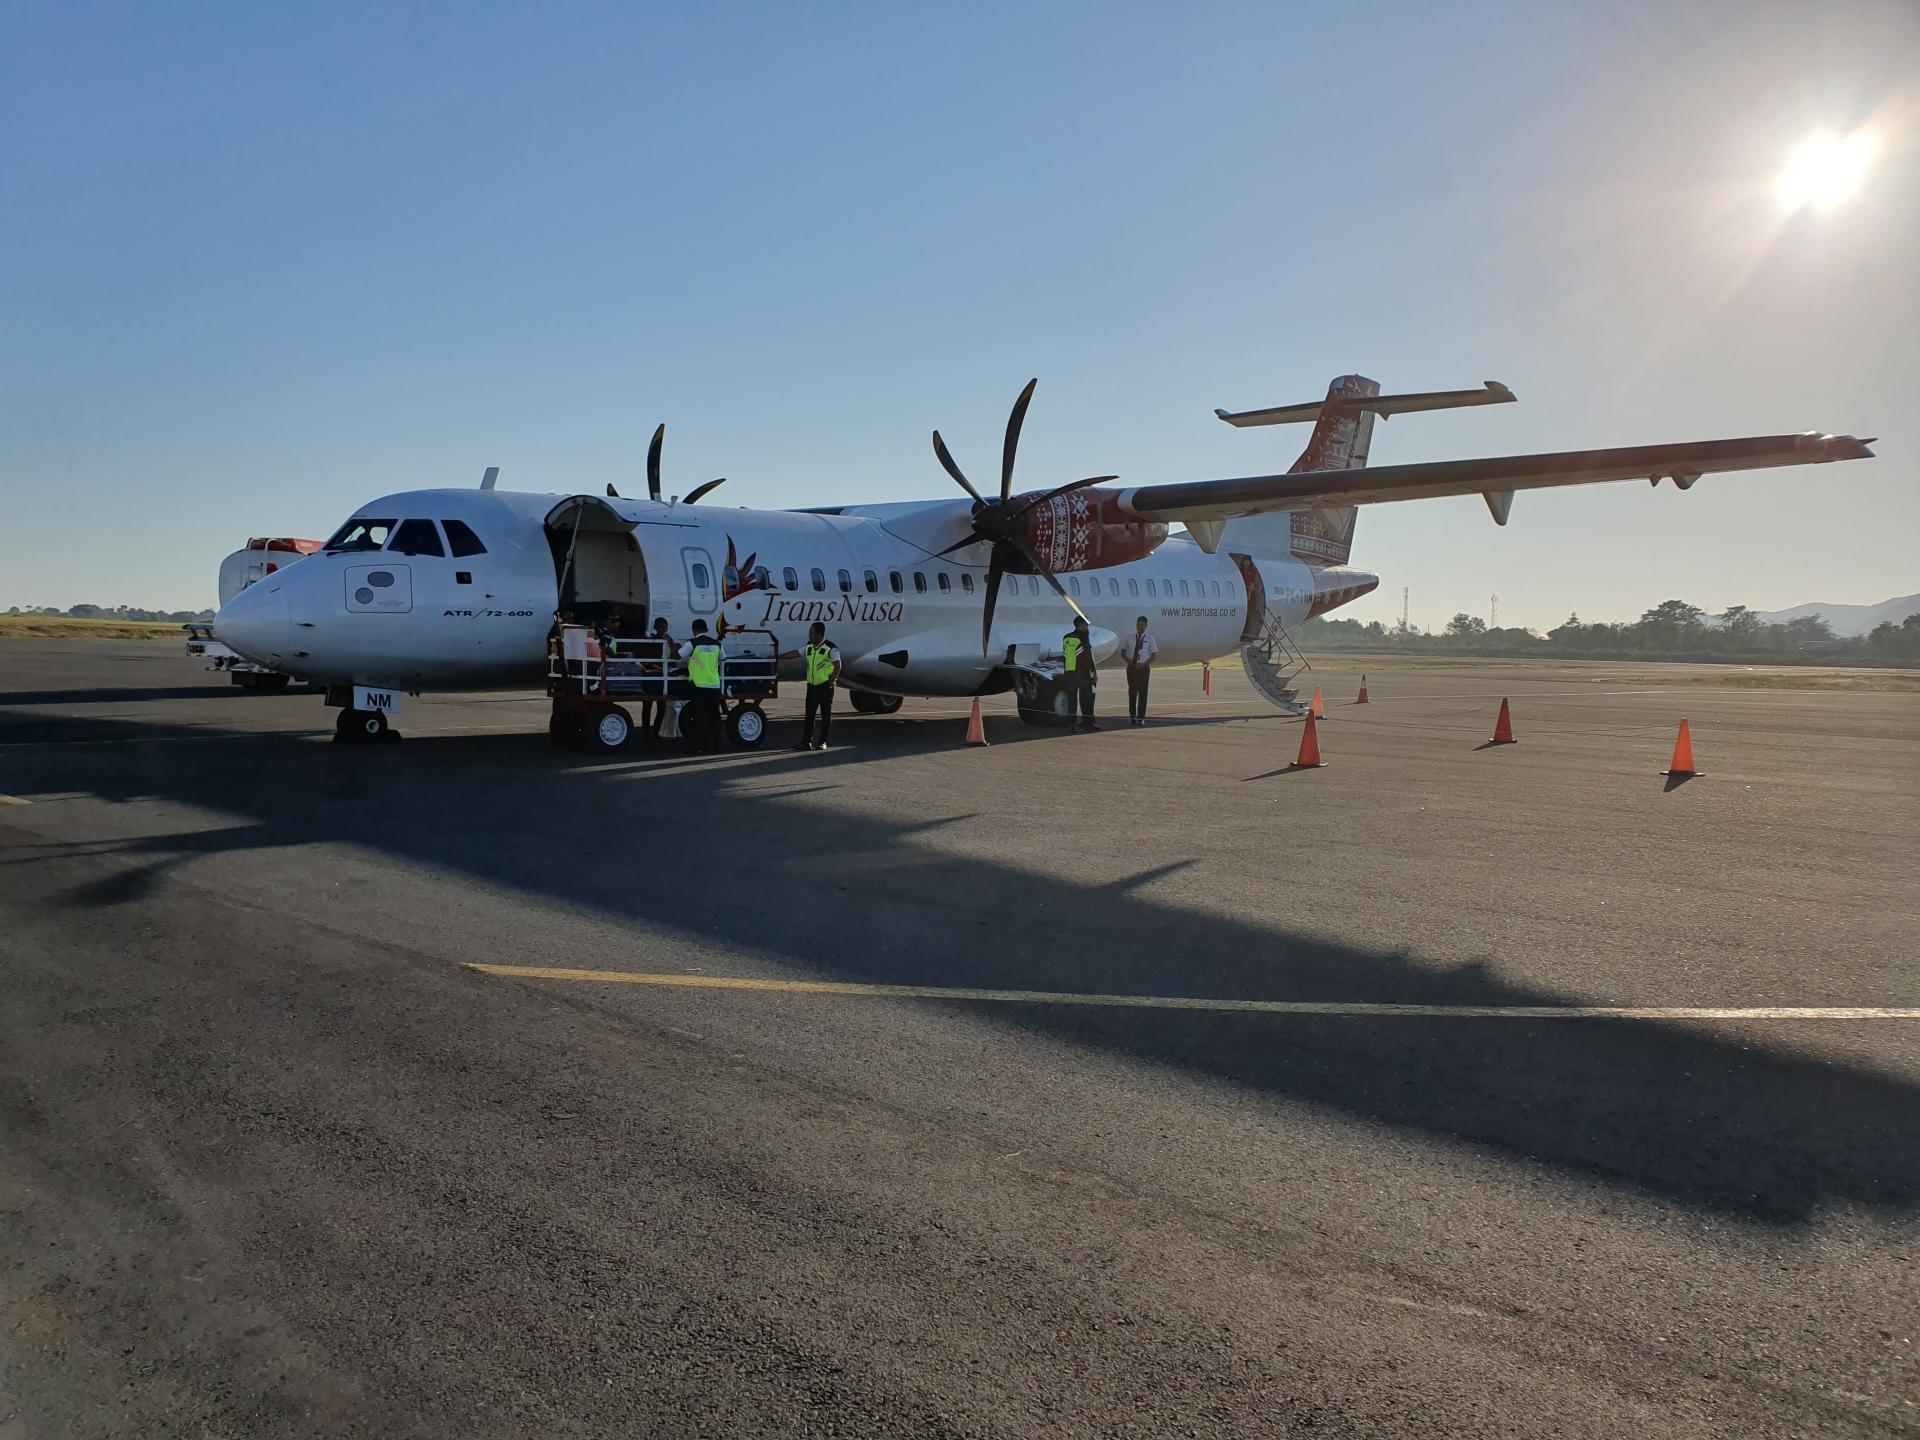 Самолет ATR 72-500